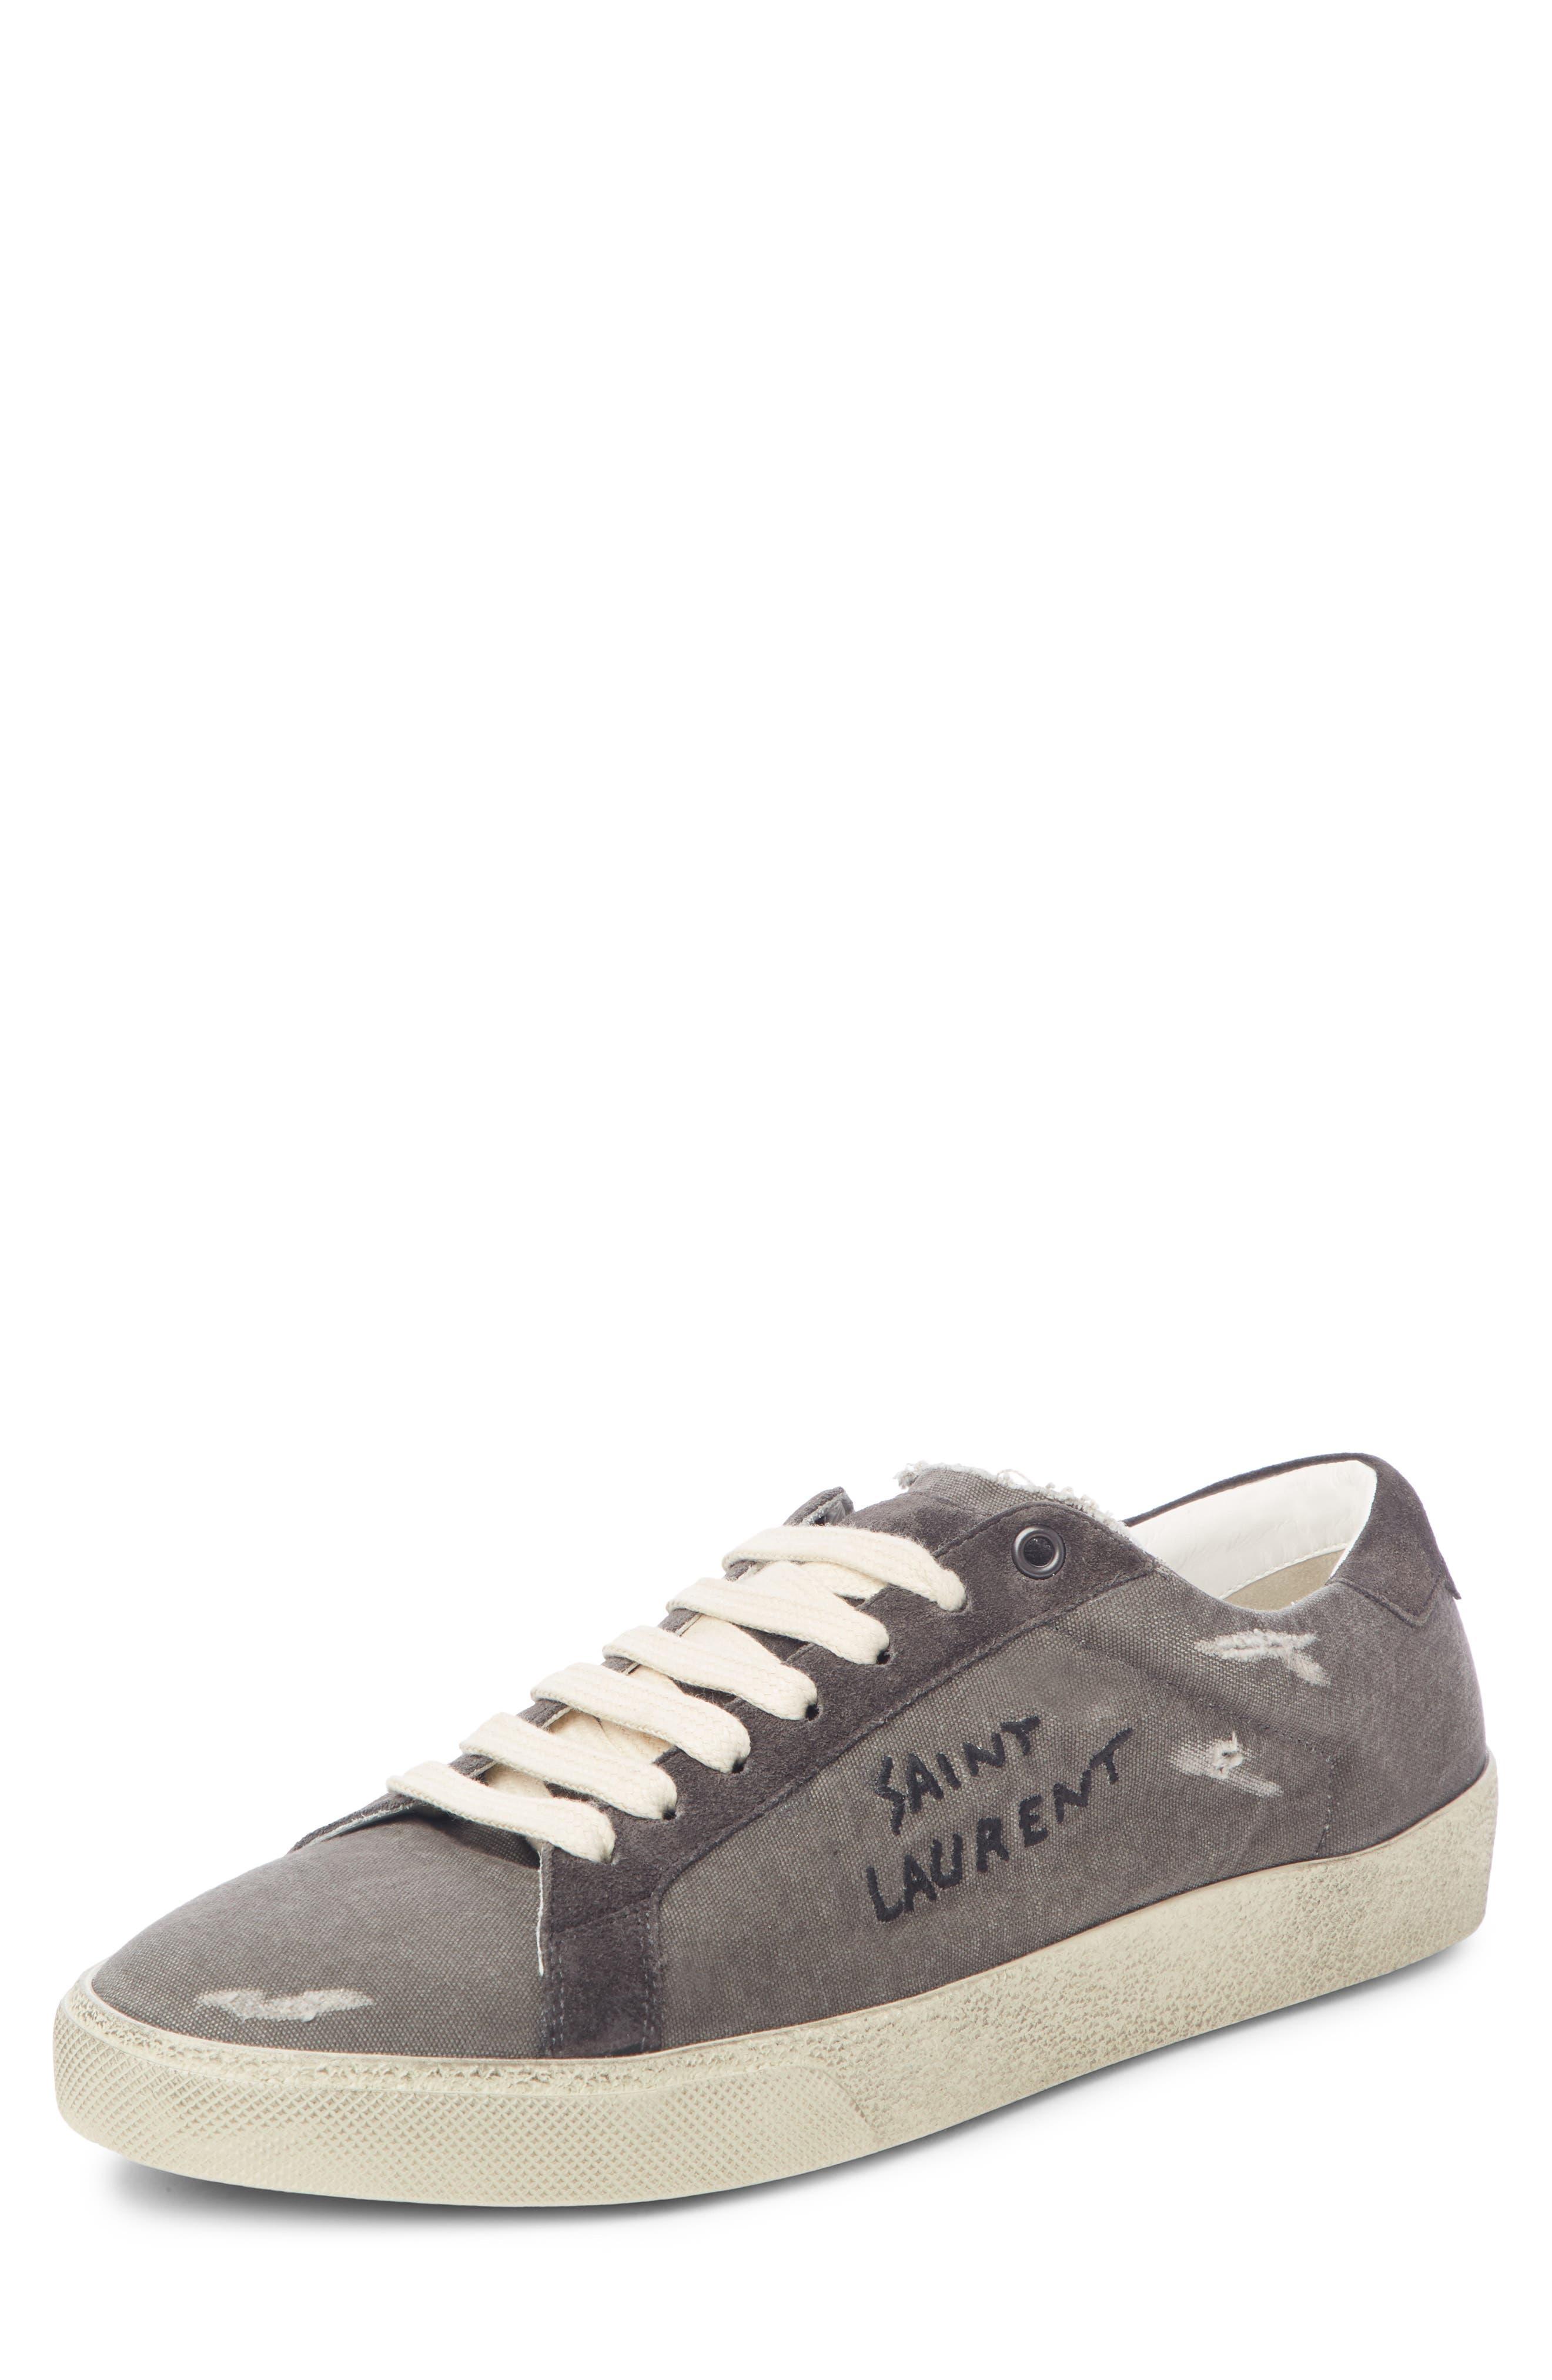 Low Top Sneaker,                             Main thumbnail 1, color,                             076